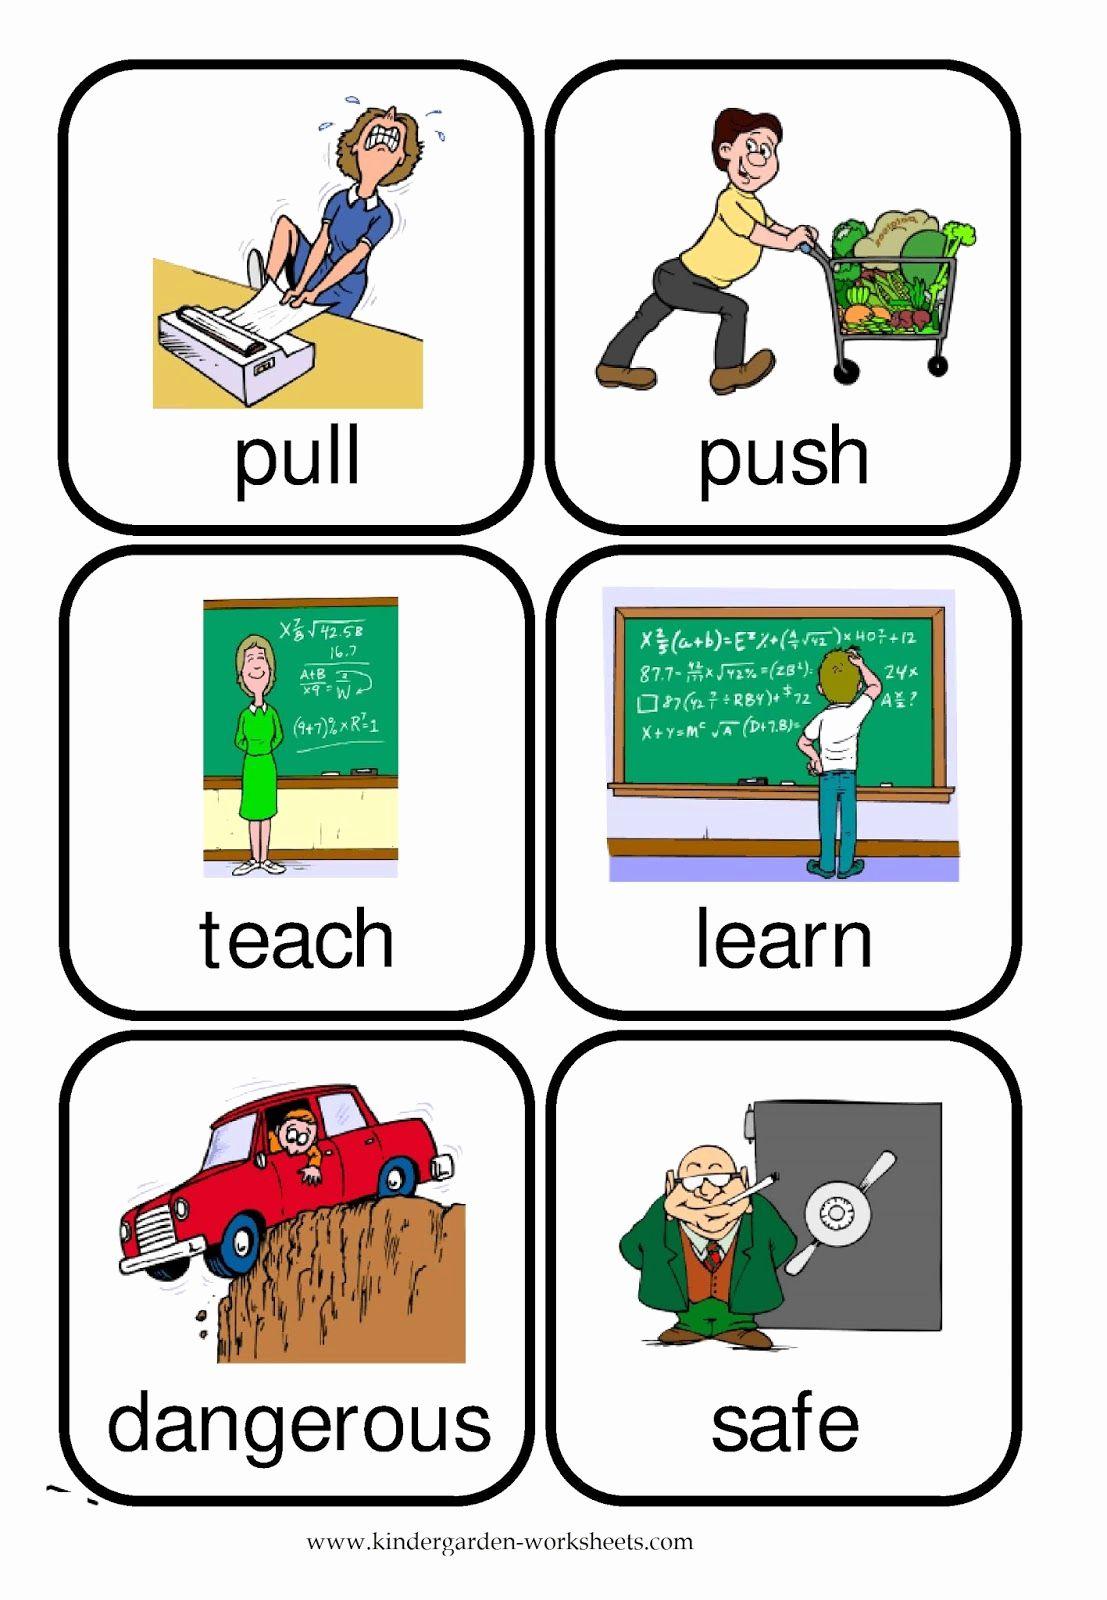 Worksheets For Kindergarten Greetings In